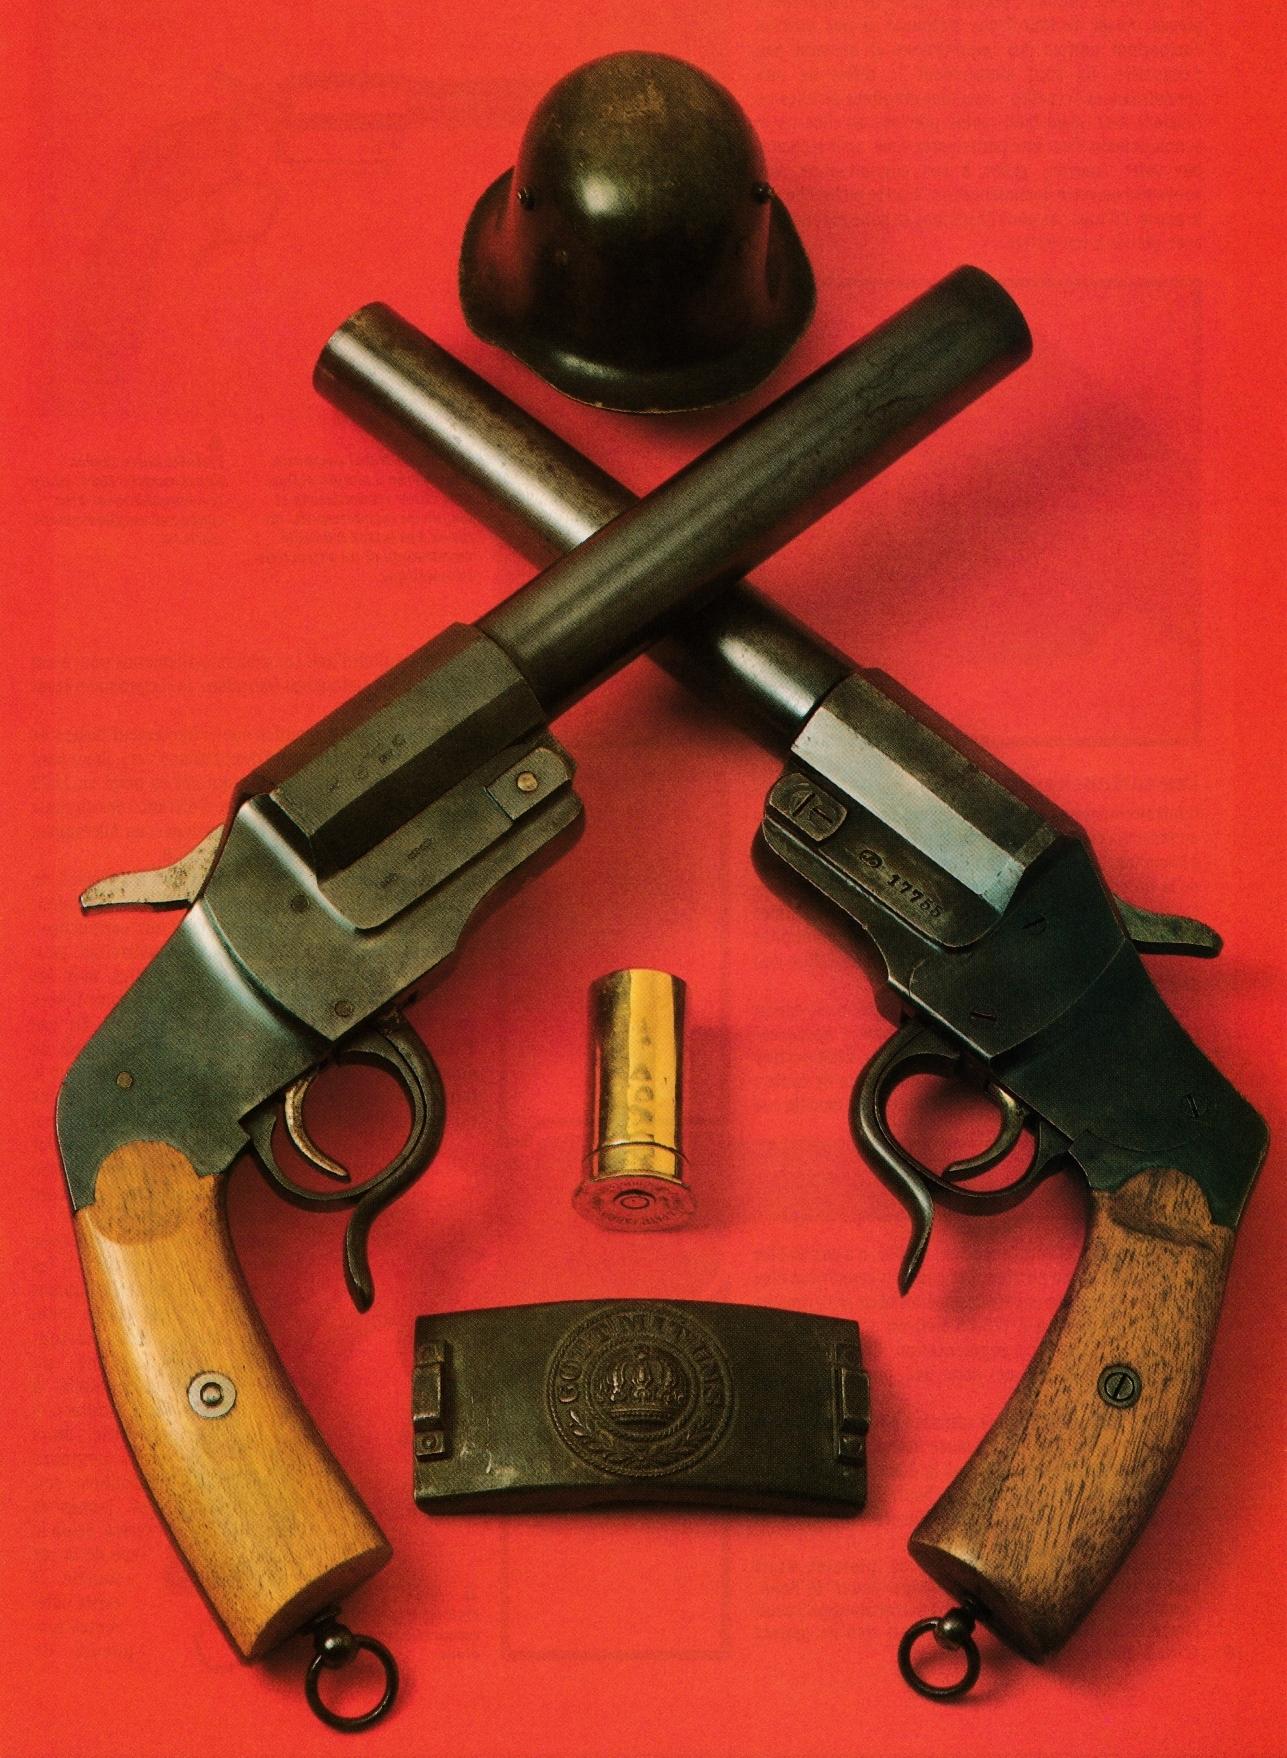 Deux exemplaires du Hebel modèle 1894, le plus classique des pistolets lance-fusées employés par les Allemands au cours de la Grande Guerre.